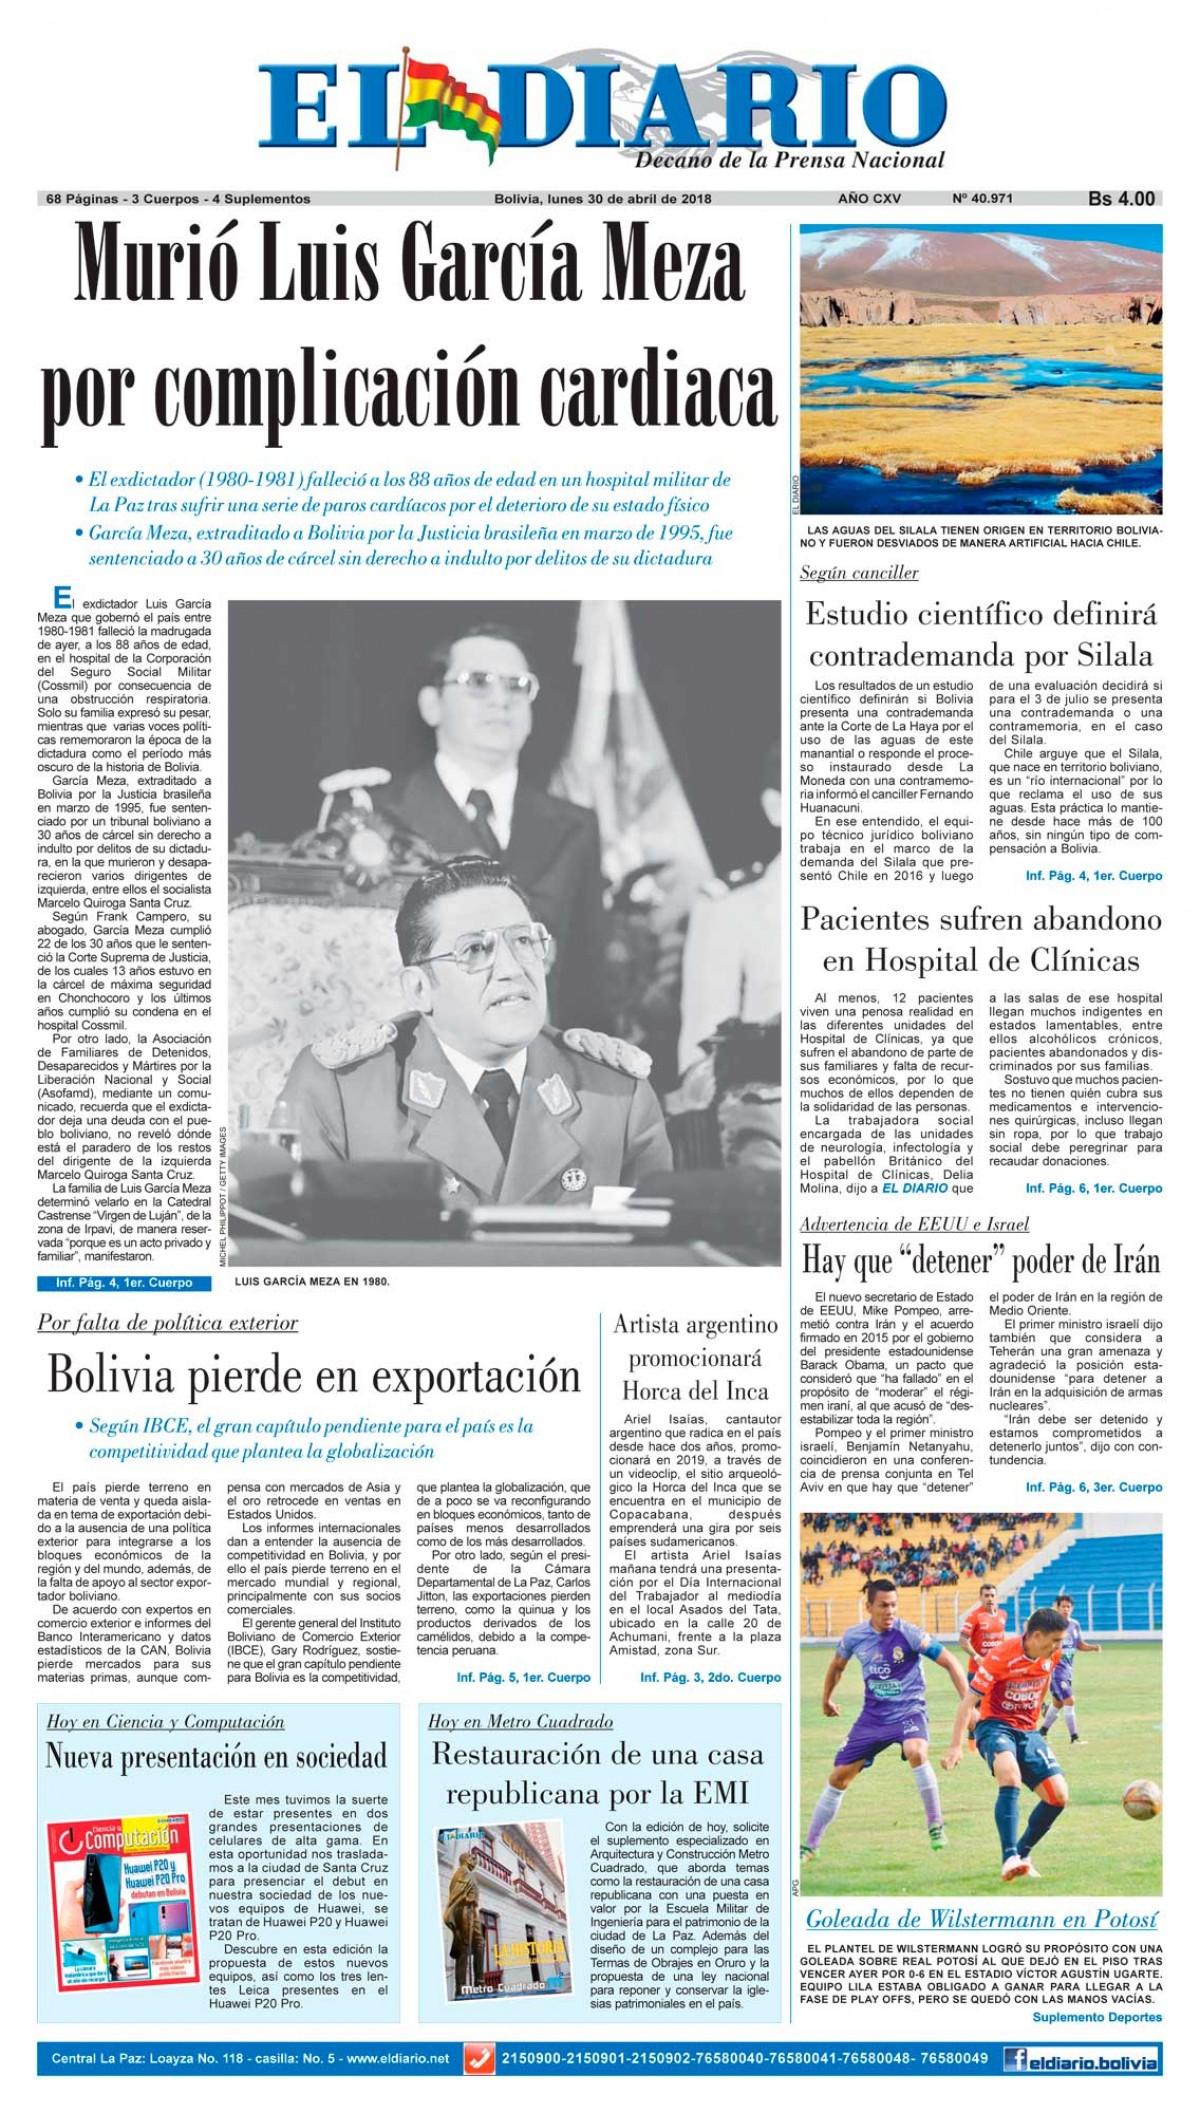 Portadas De Periodicos De Bolivia Del Lunes 30 De Abril De 2018 Eju Tv